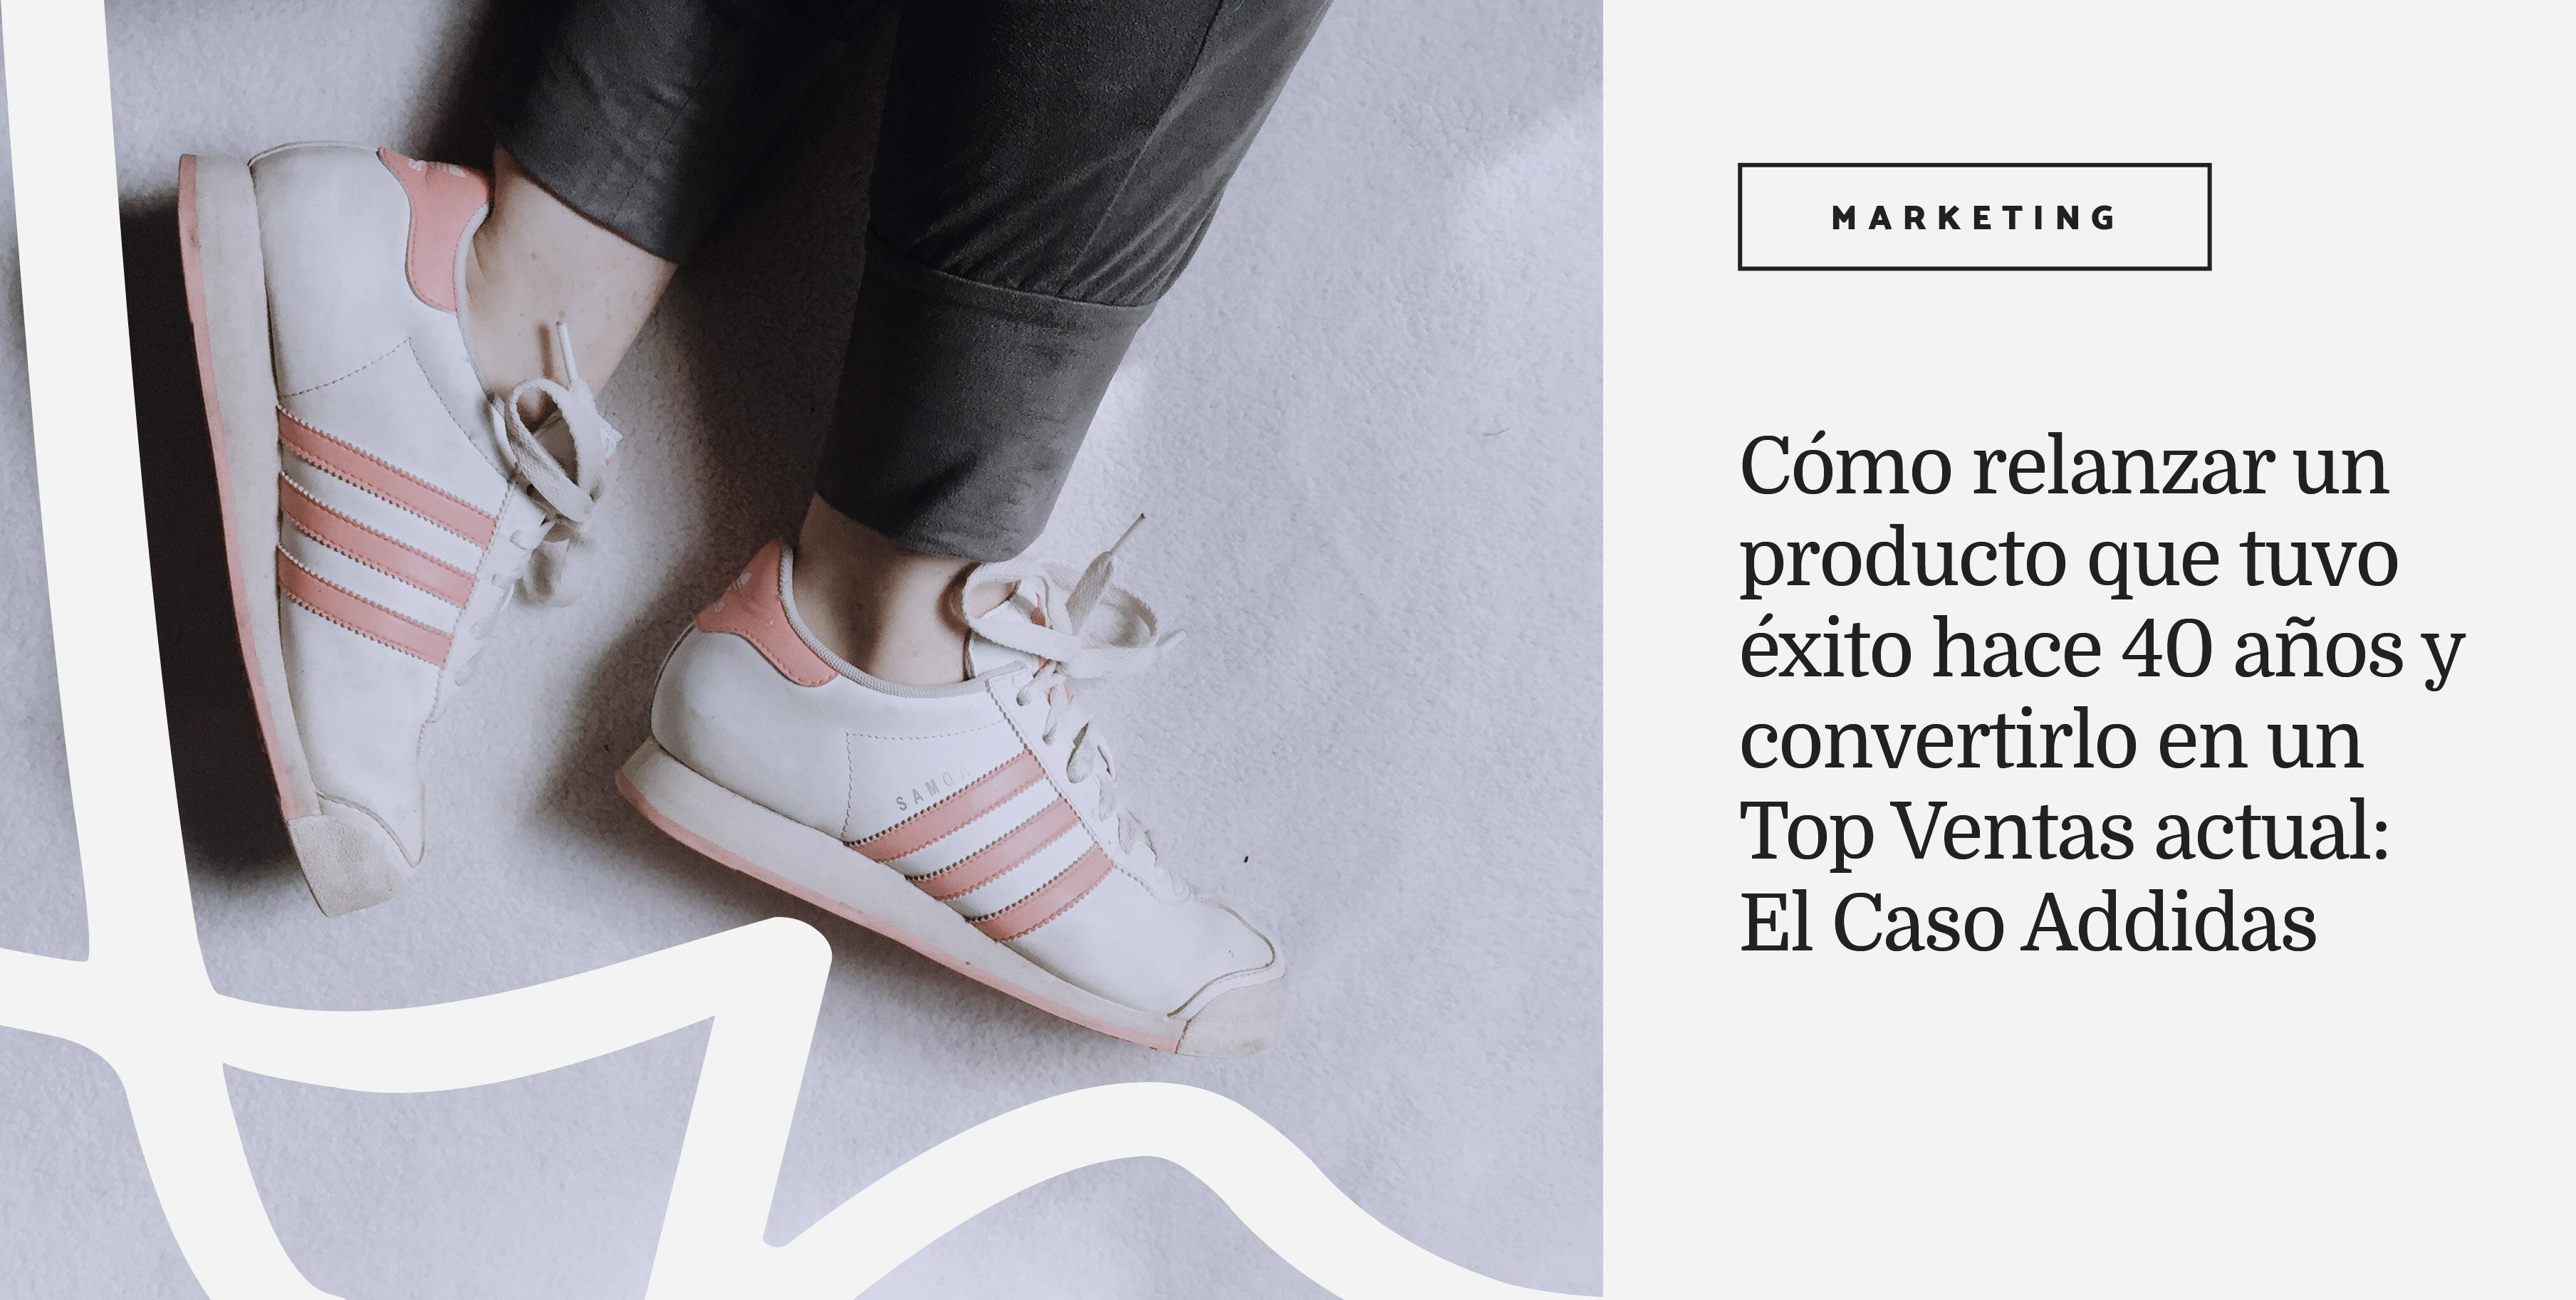 relanzar-un-producto-caso-adidas-Ana-Diaz-del-Rio-Portada